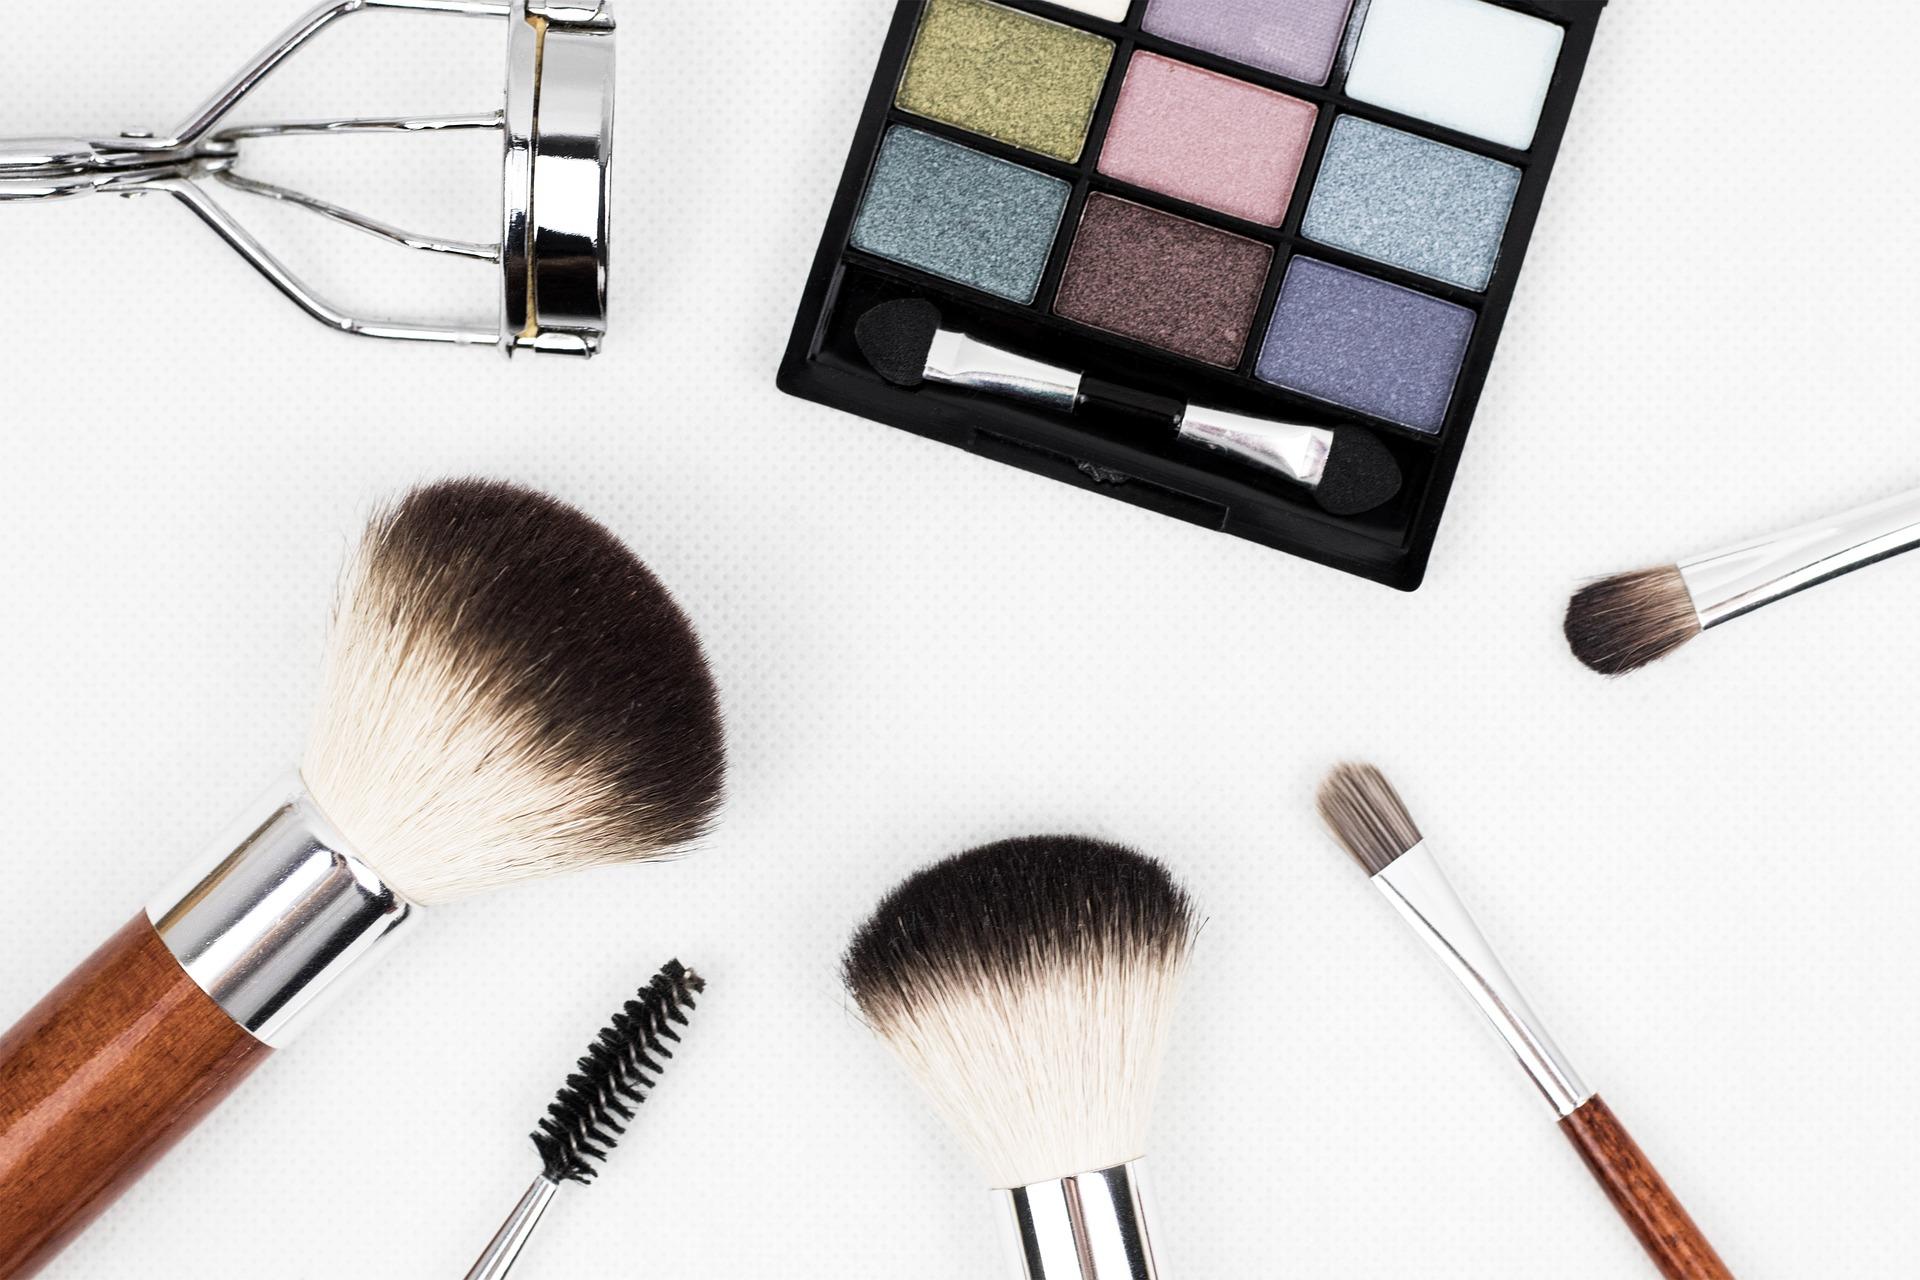 makeup-brush-1761648_1920 (1)